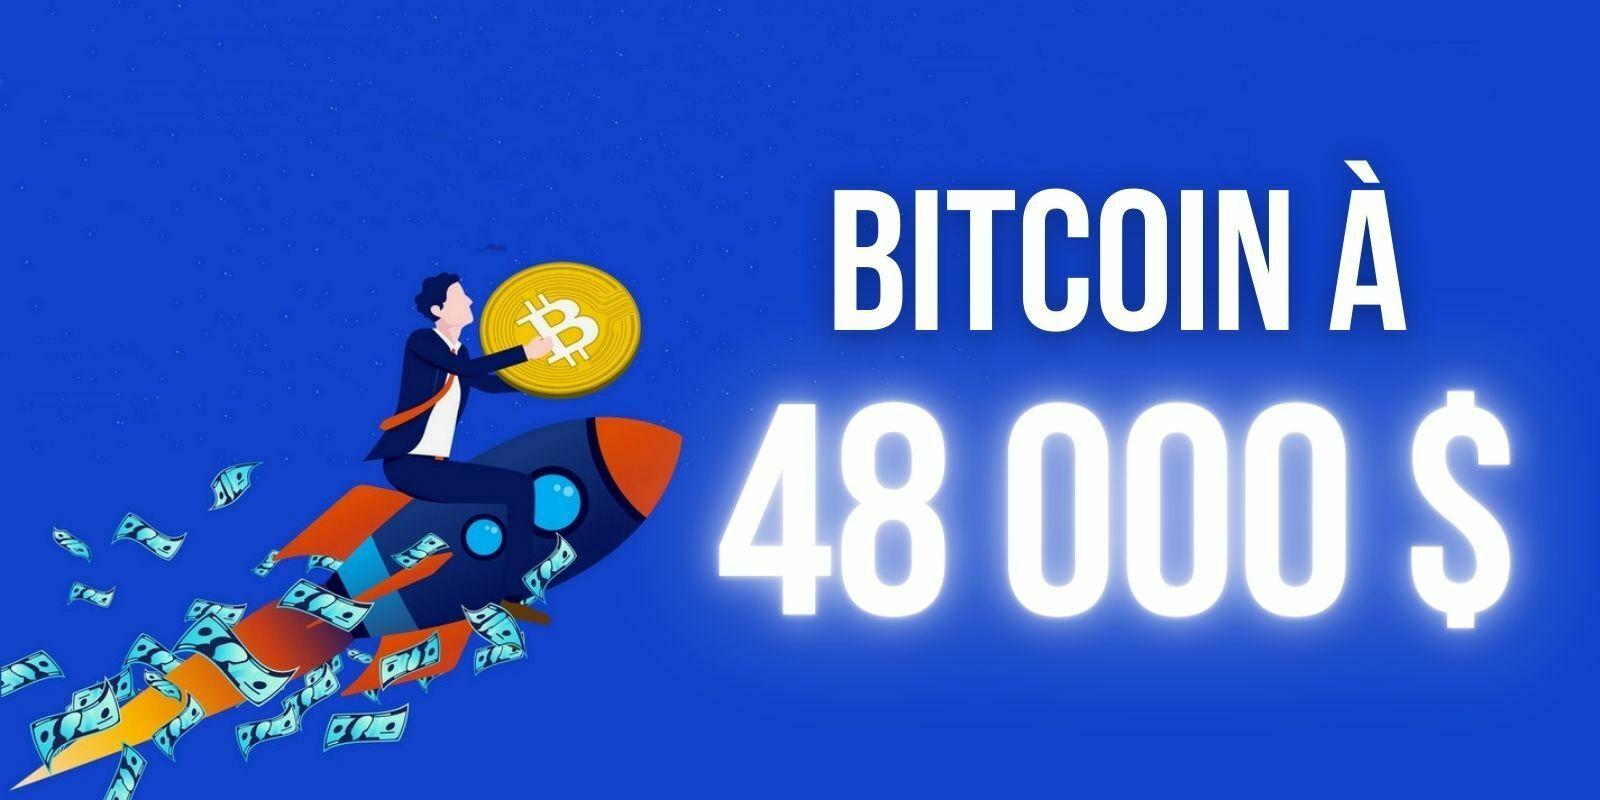 Le Bitcoin (BTC) dépasse les 48000 dollars, les exchanges peinent à faire face